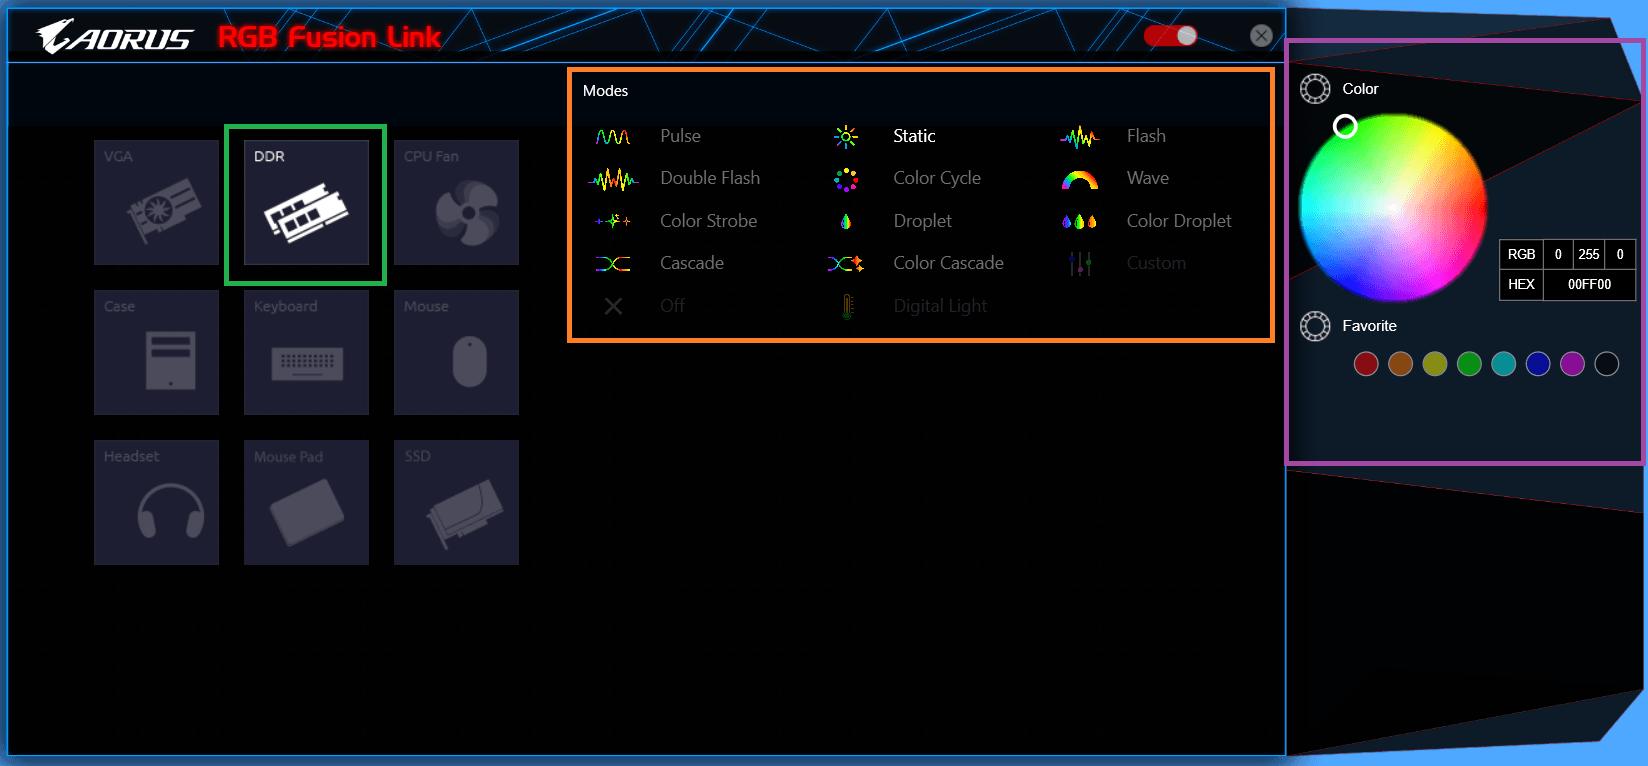 GIGABYTE AORUS RGB Memory_RGB Fusion Link (1)